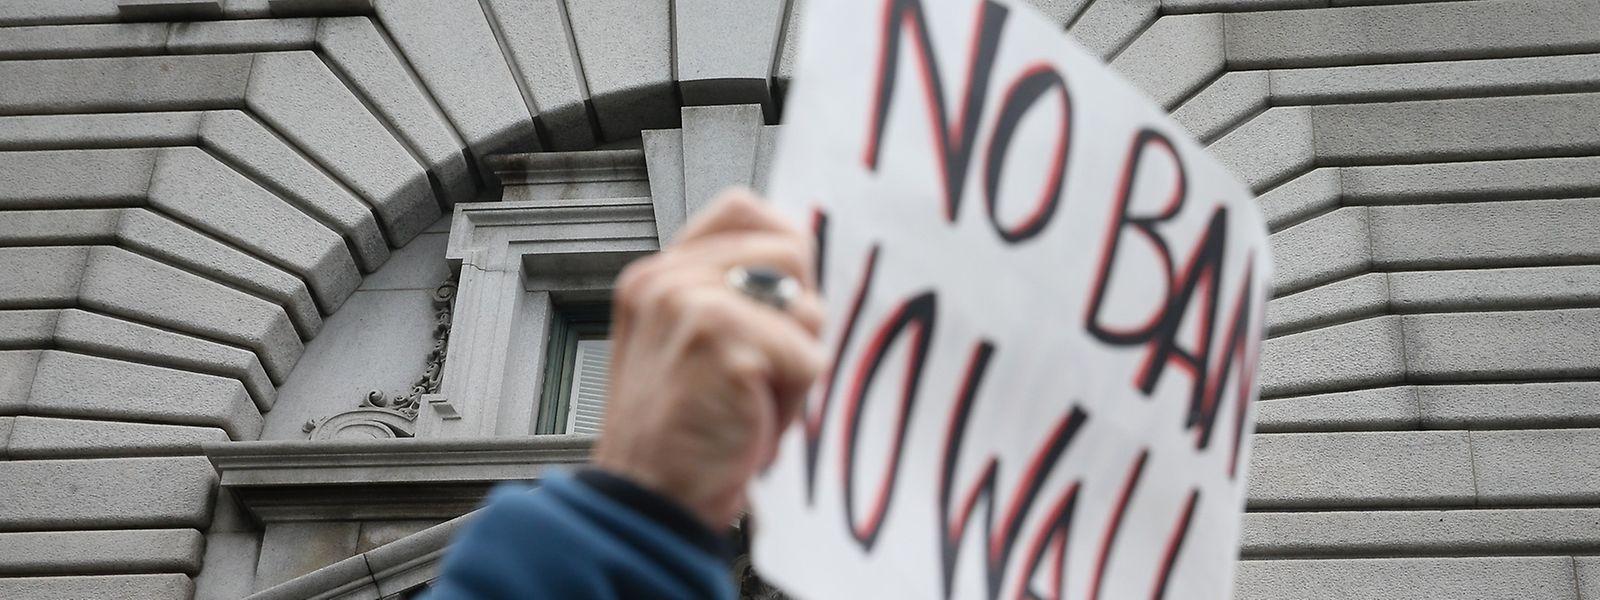 Trumps Einreiseverbot spaltet die Nation - auch vor dem Berufungsgericht in San Francisco wurde demonstriert.